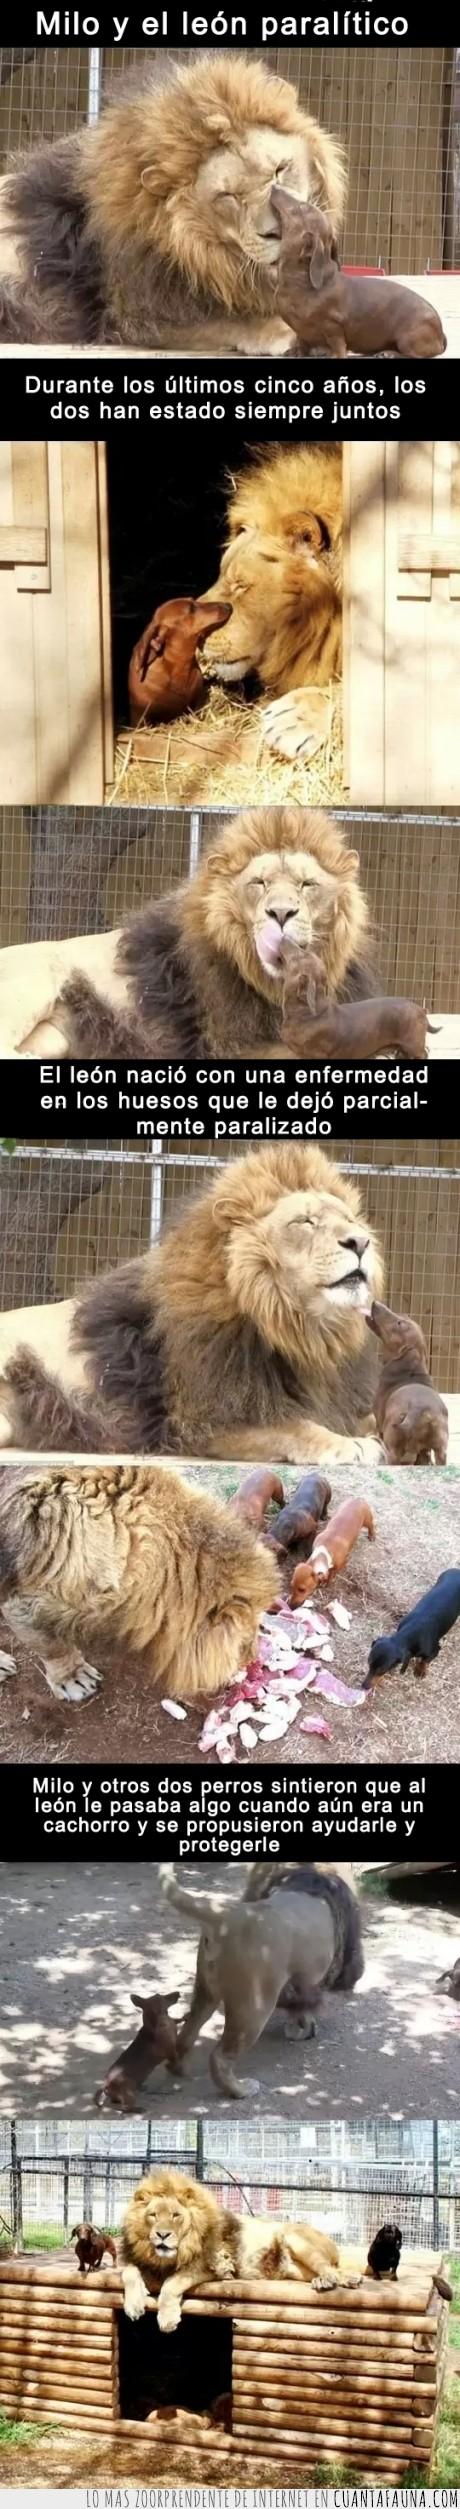 cachorro,leon,milo,paralitico,pequeño,perro,salchica